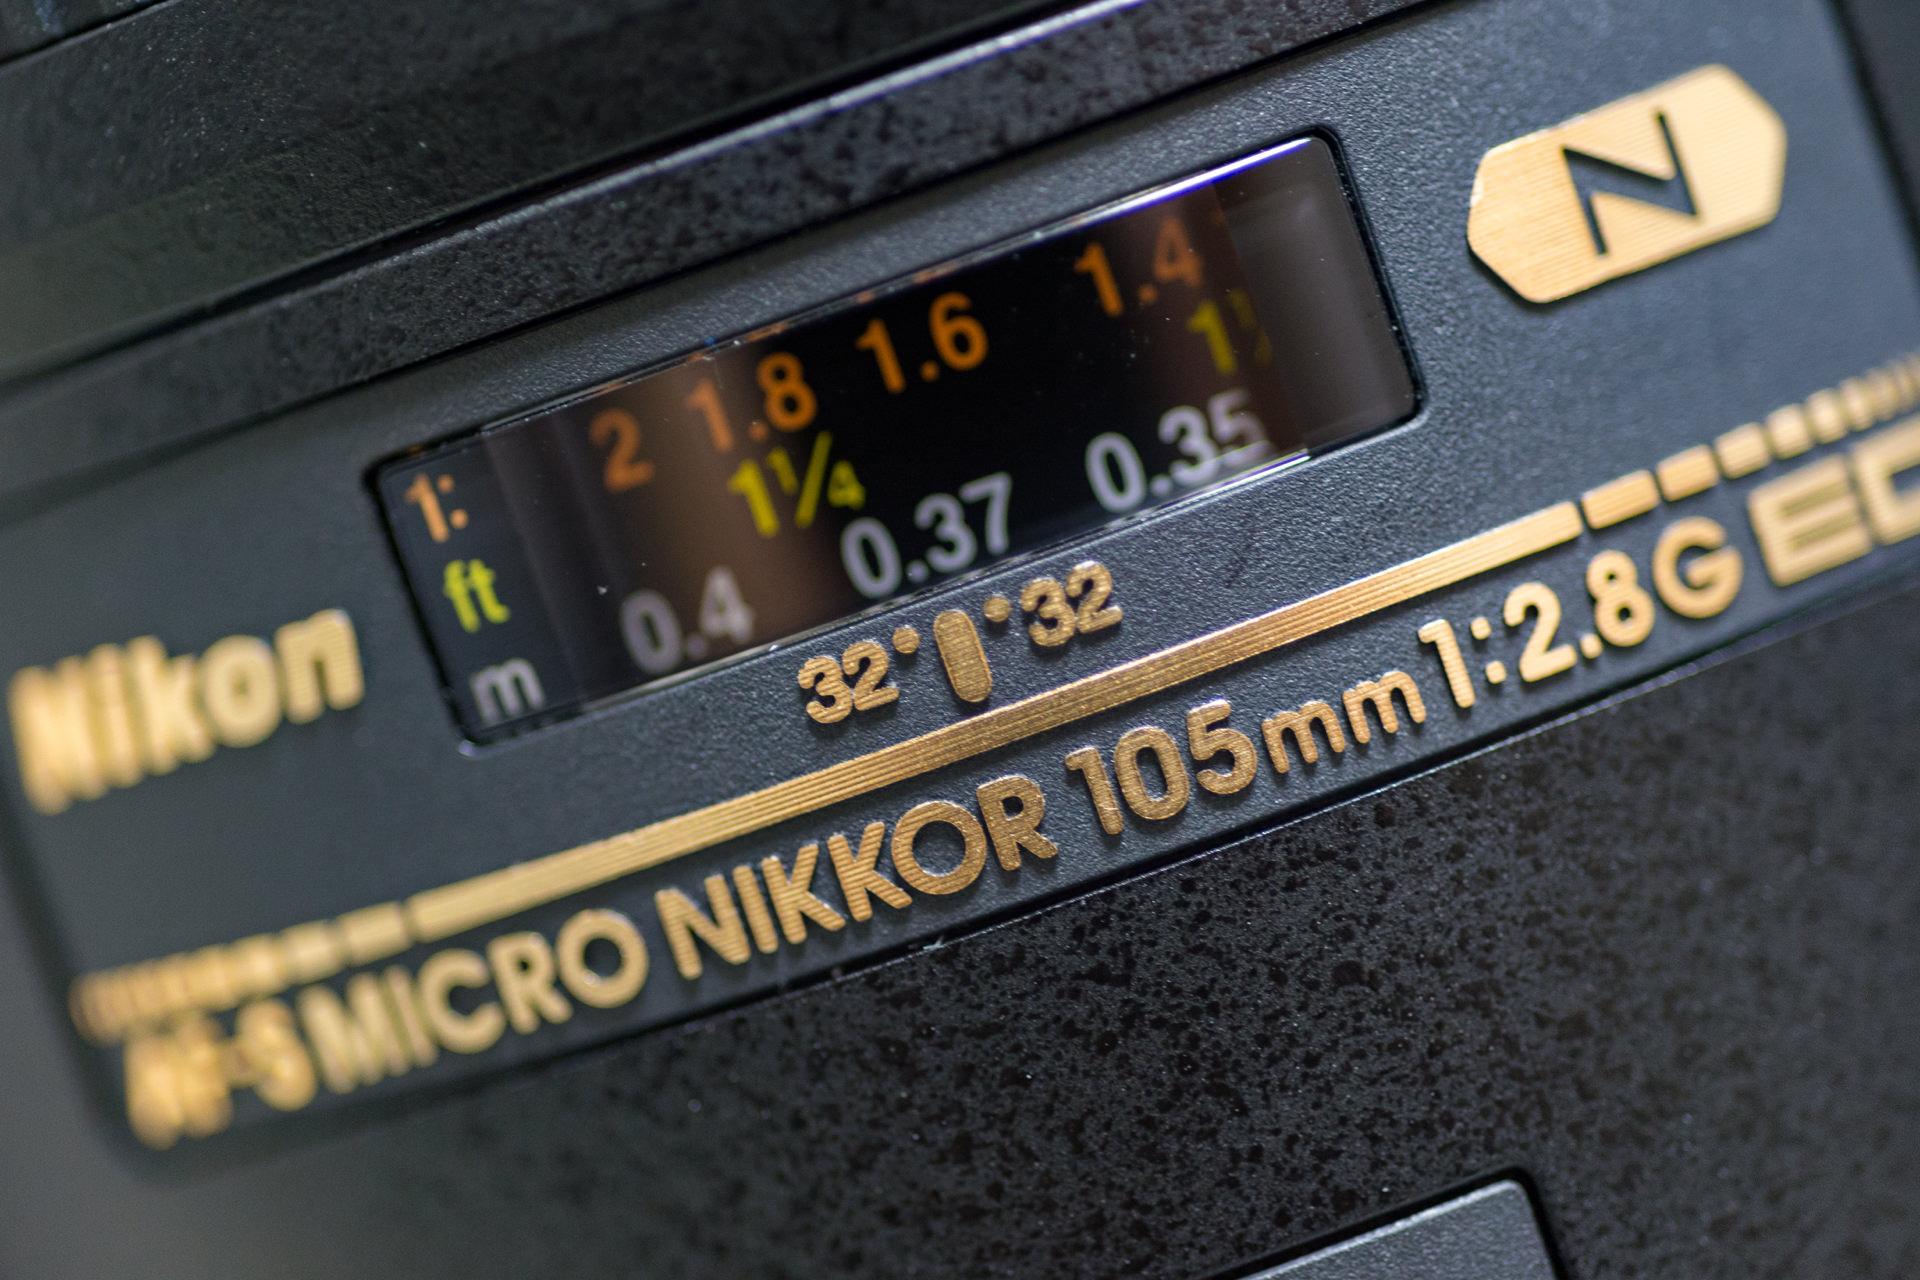 Ai AF Micro-Nikkor 60mm f/2.8D